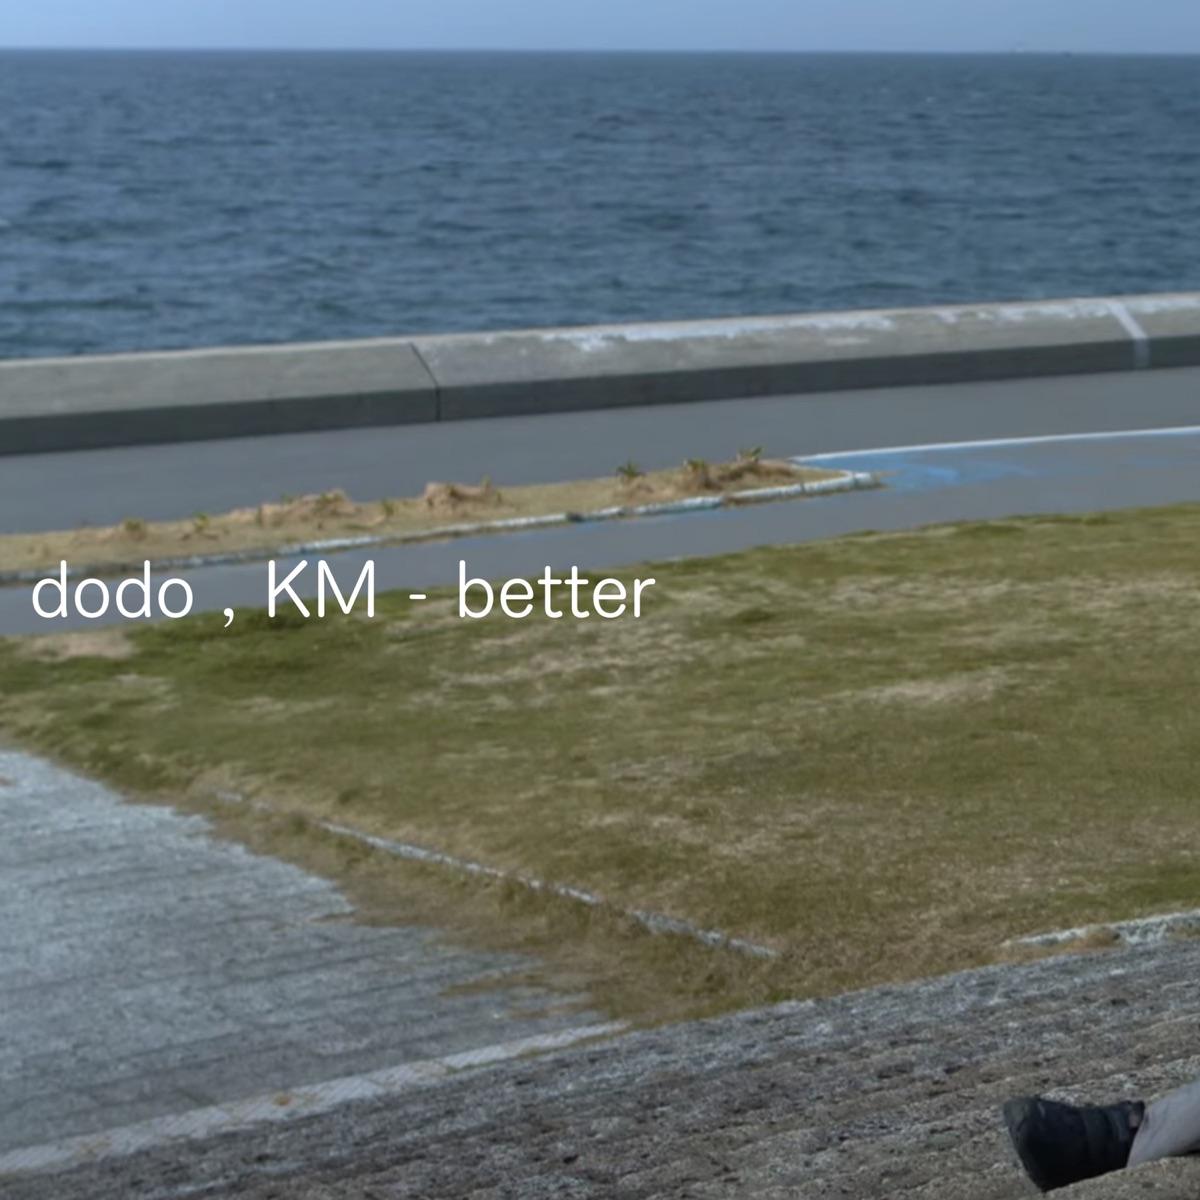 『dodo, KM - better』収録の『better』ジャケット